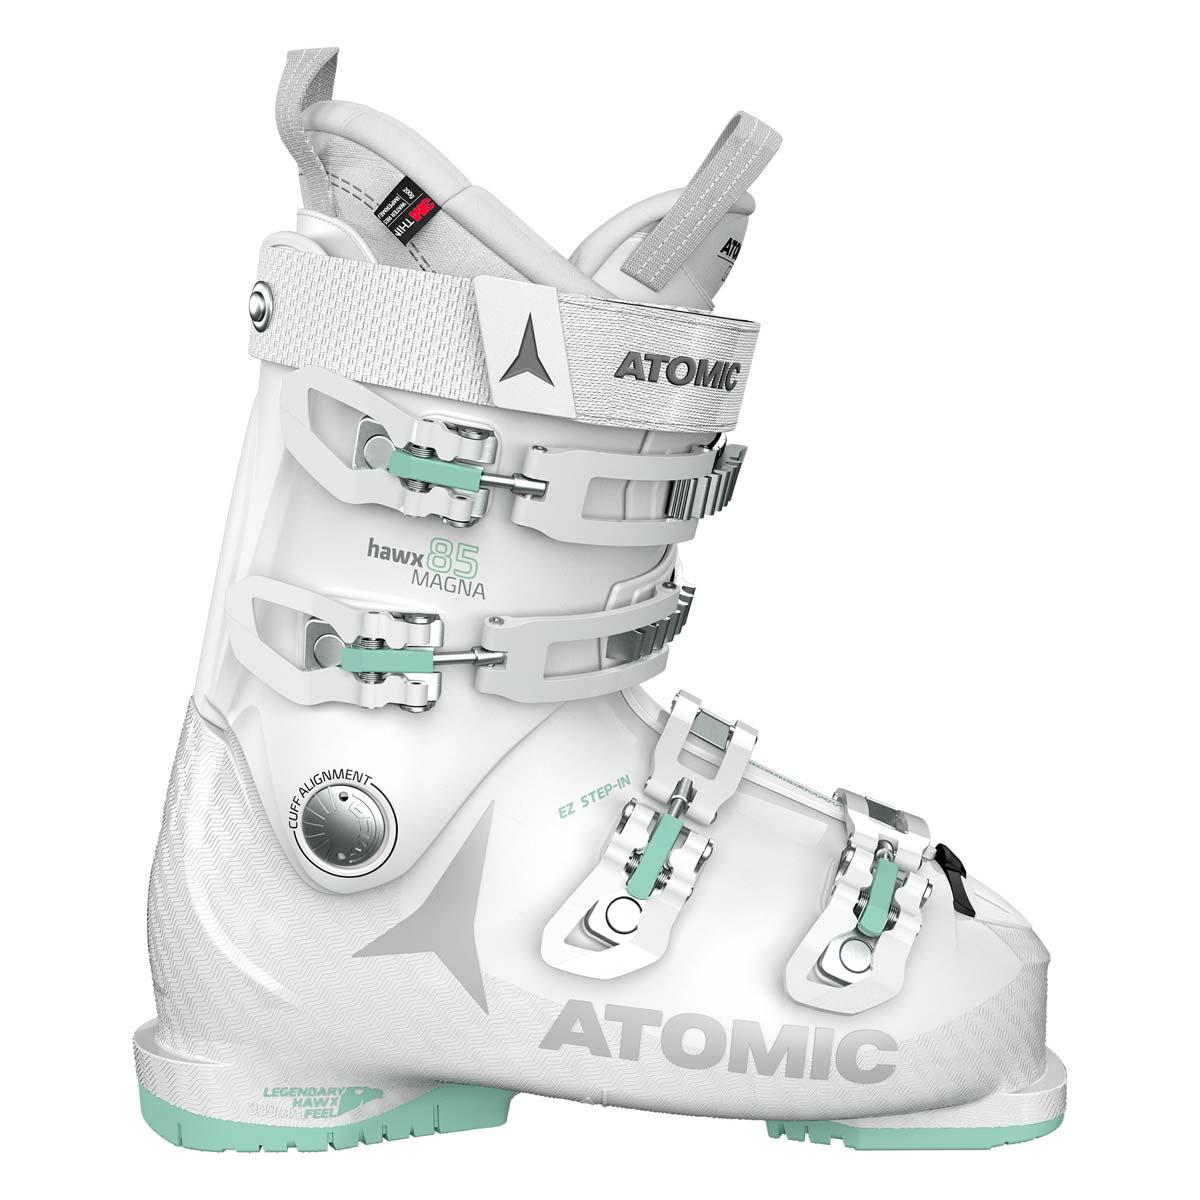 Scarponi sci Atomic Hawx Magna 85 W da donna (Colore: bianco verde, Taglia: 25/25.5)